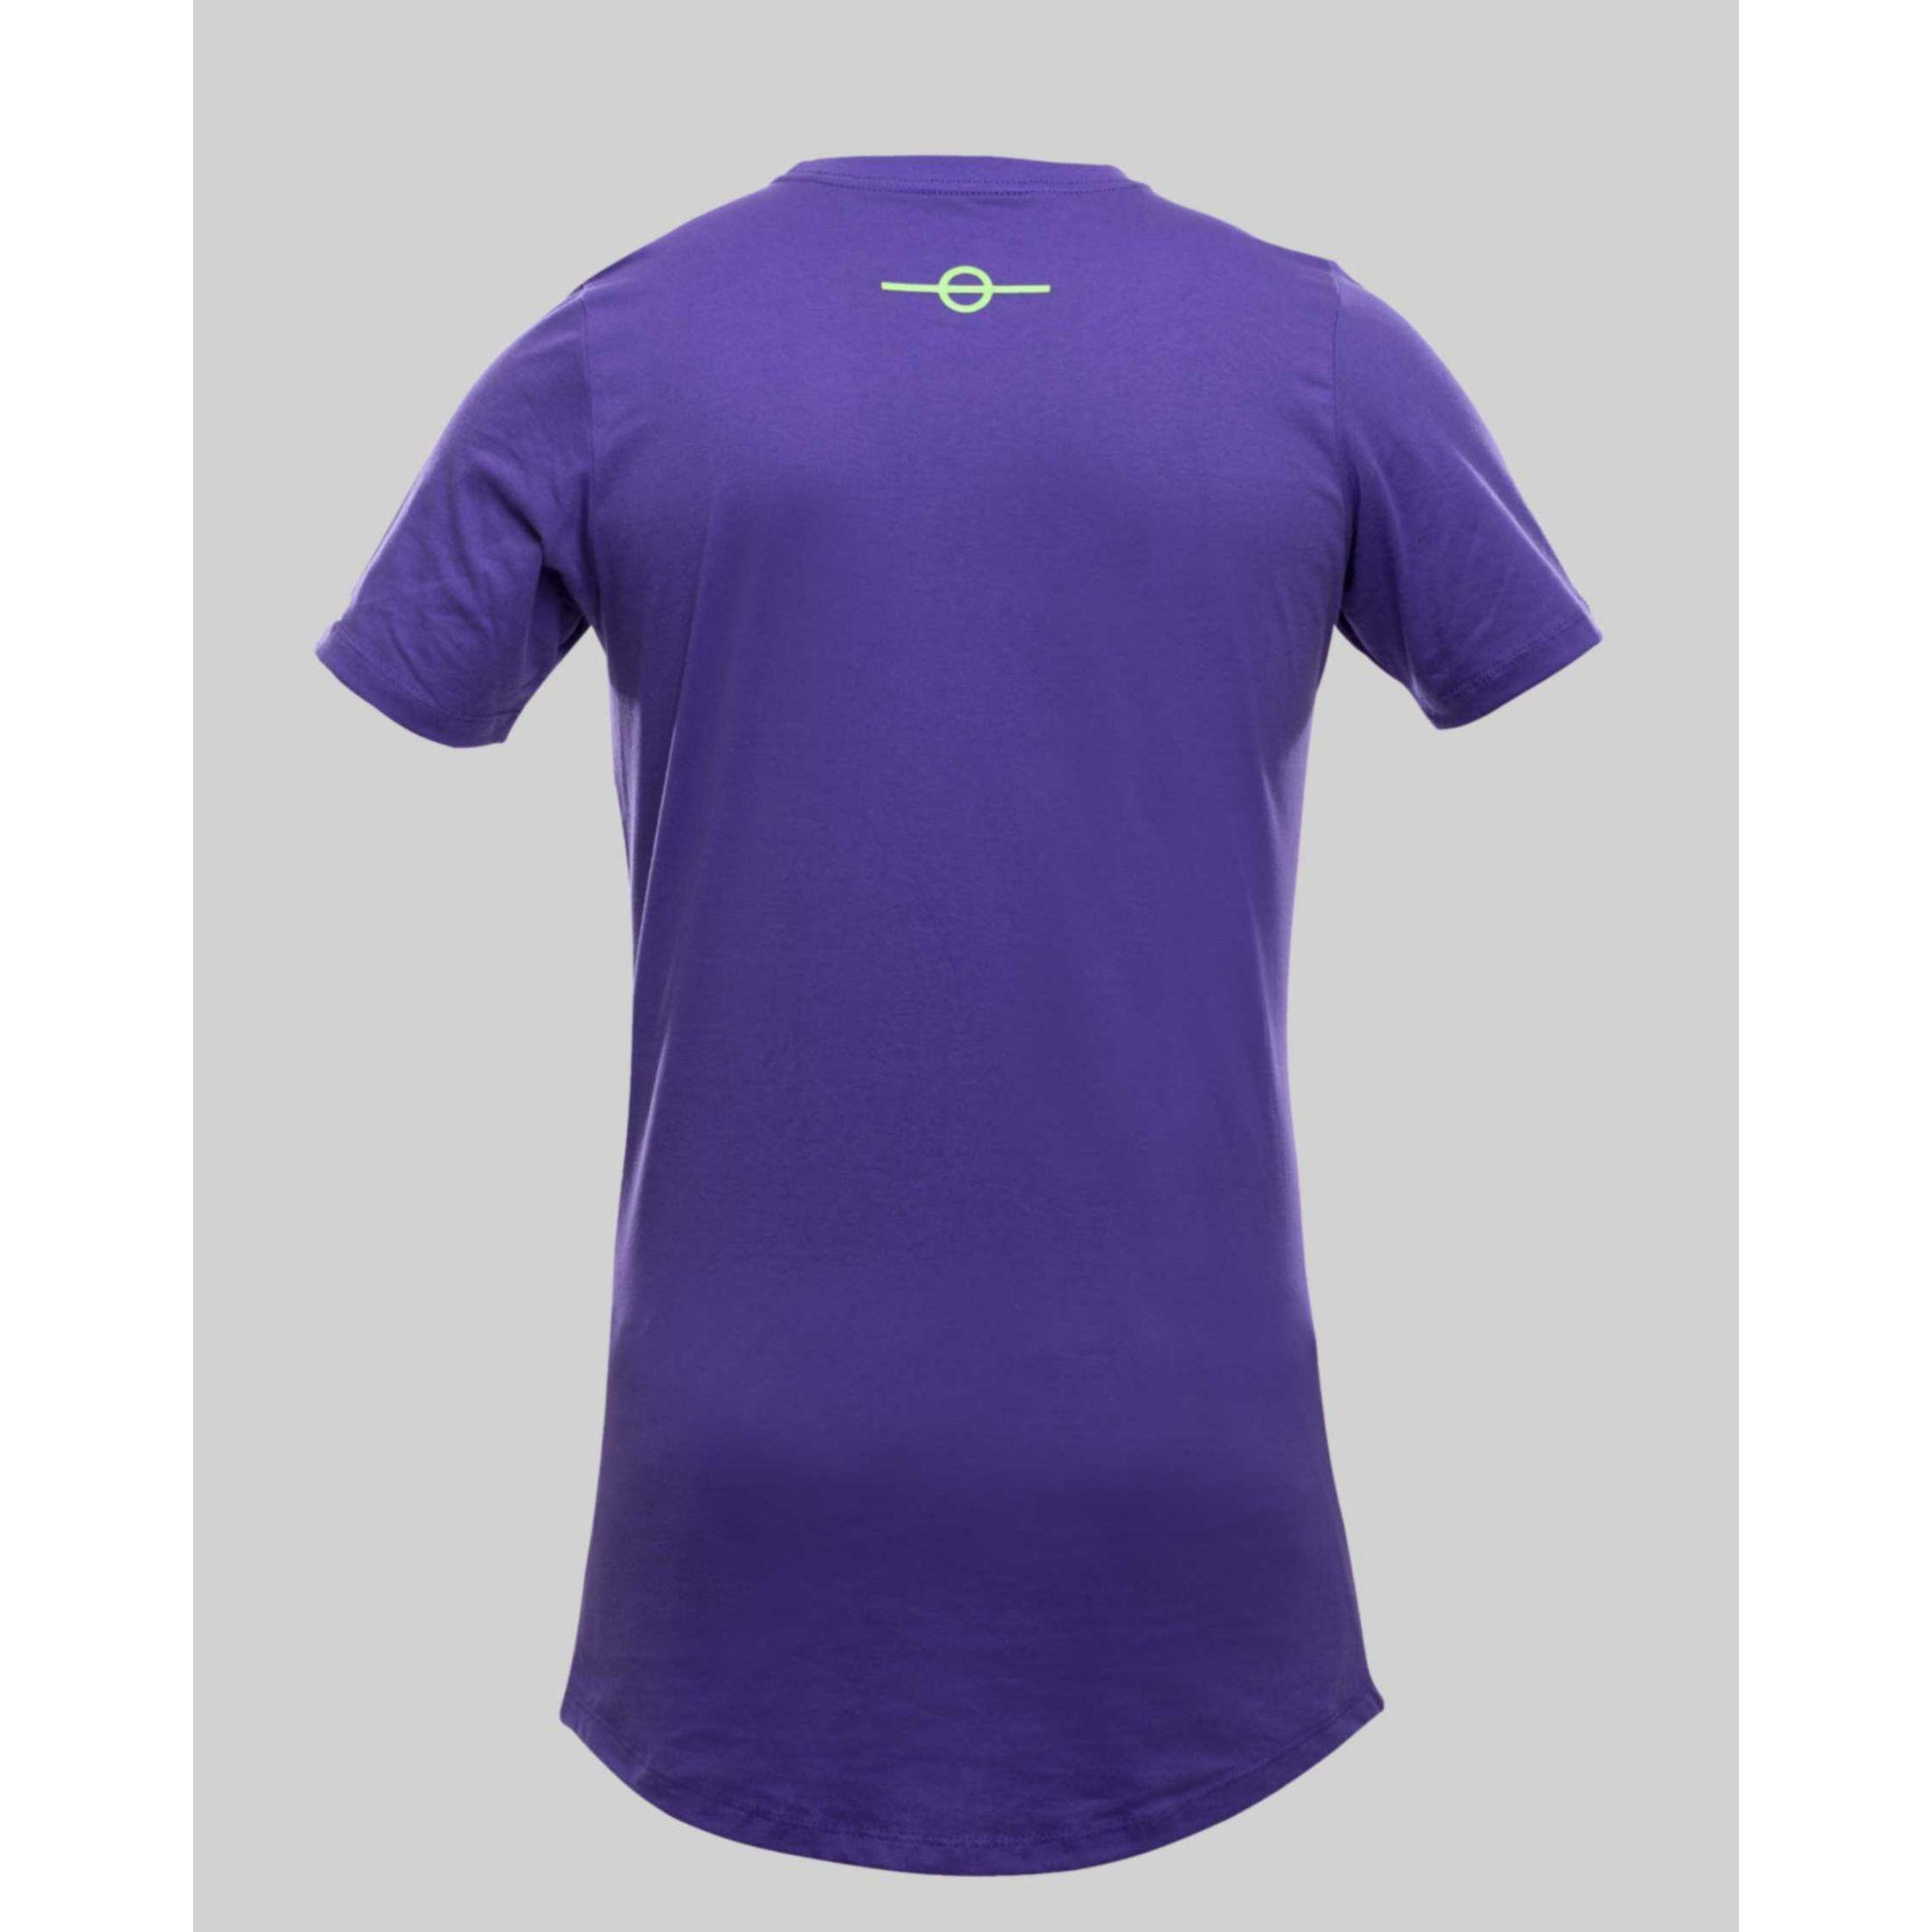 Camiseta Buh Fluor Square Purple